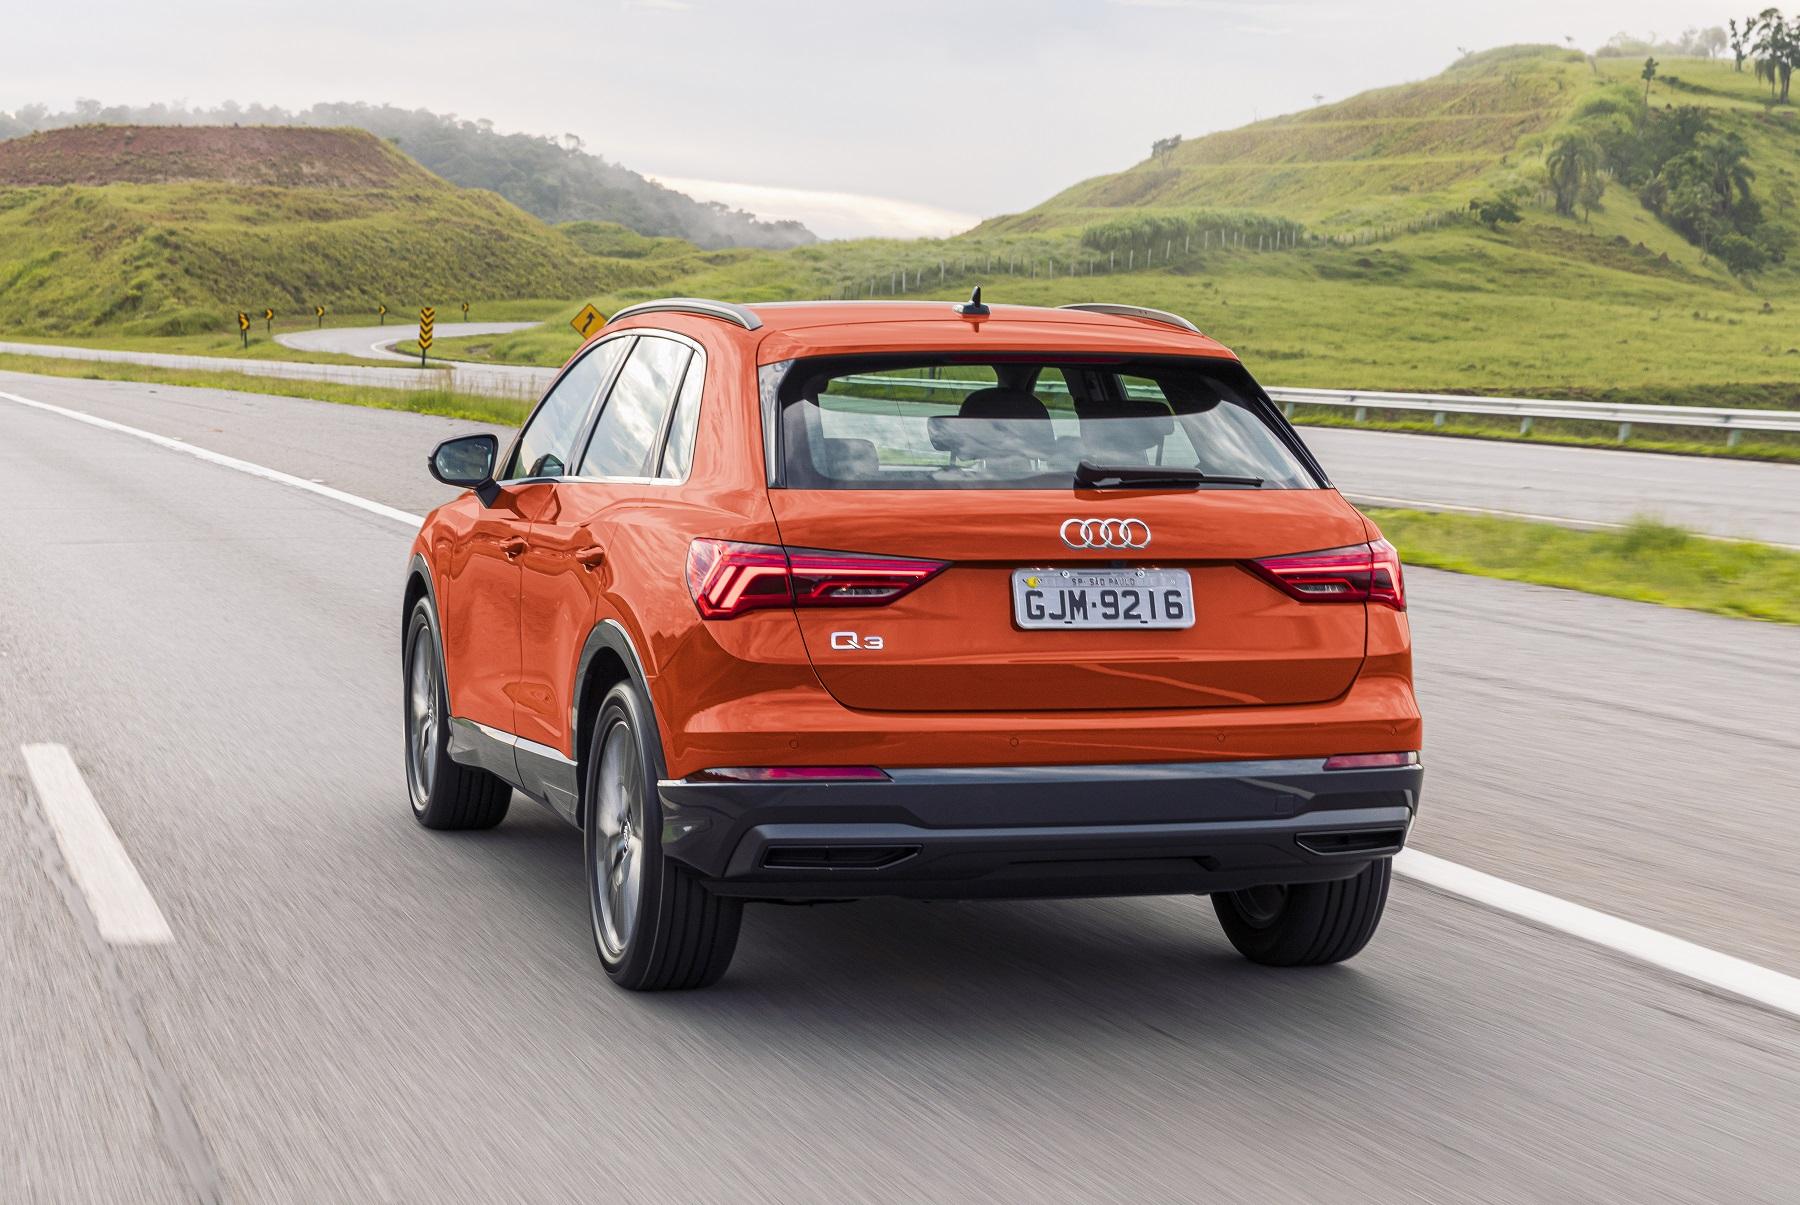 Audi Q3 laranja de traseira em movimento na estrada